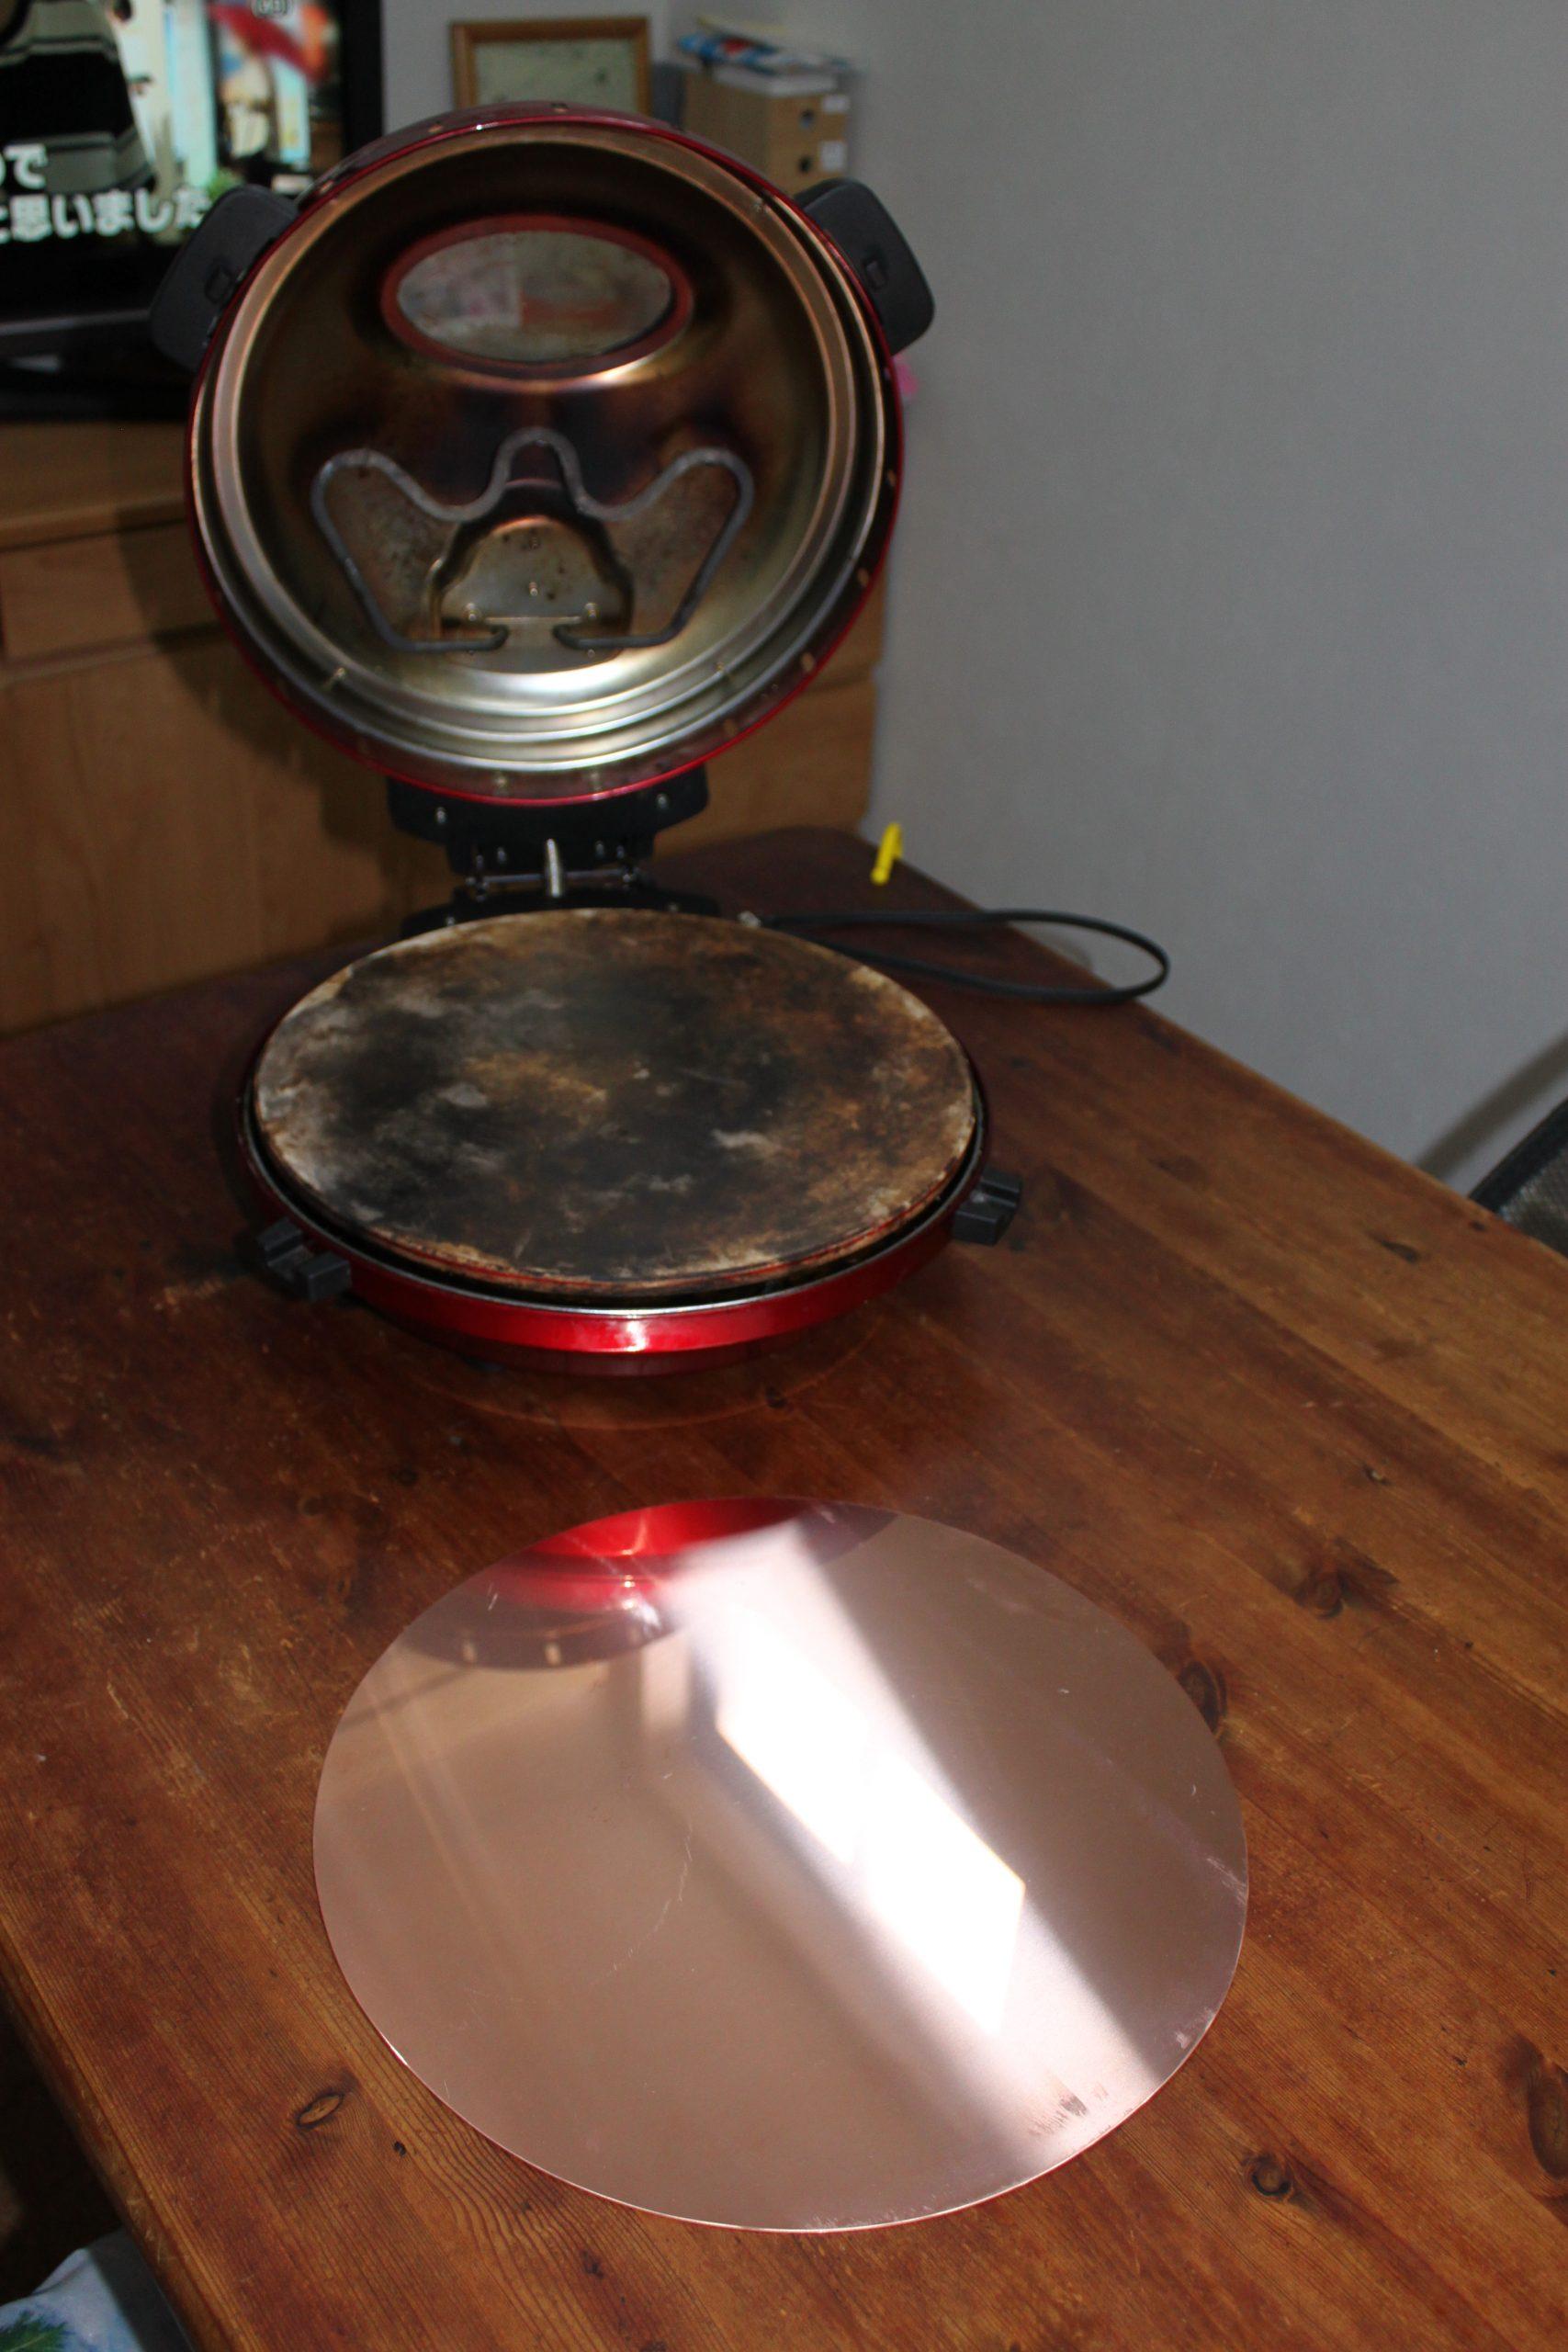 ピザ窯様31CM銅板 ピザを乗せる時に便利な銅板。銅ctorブランド 銅ドクター 銅どくたー